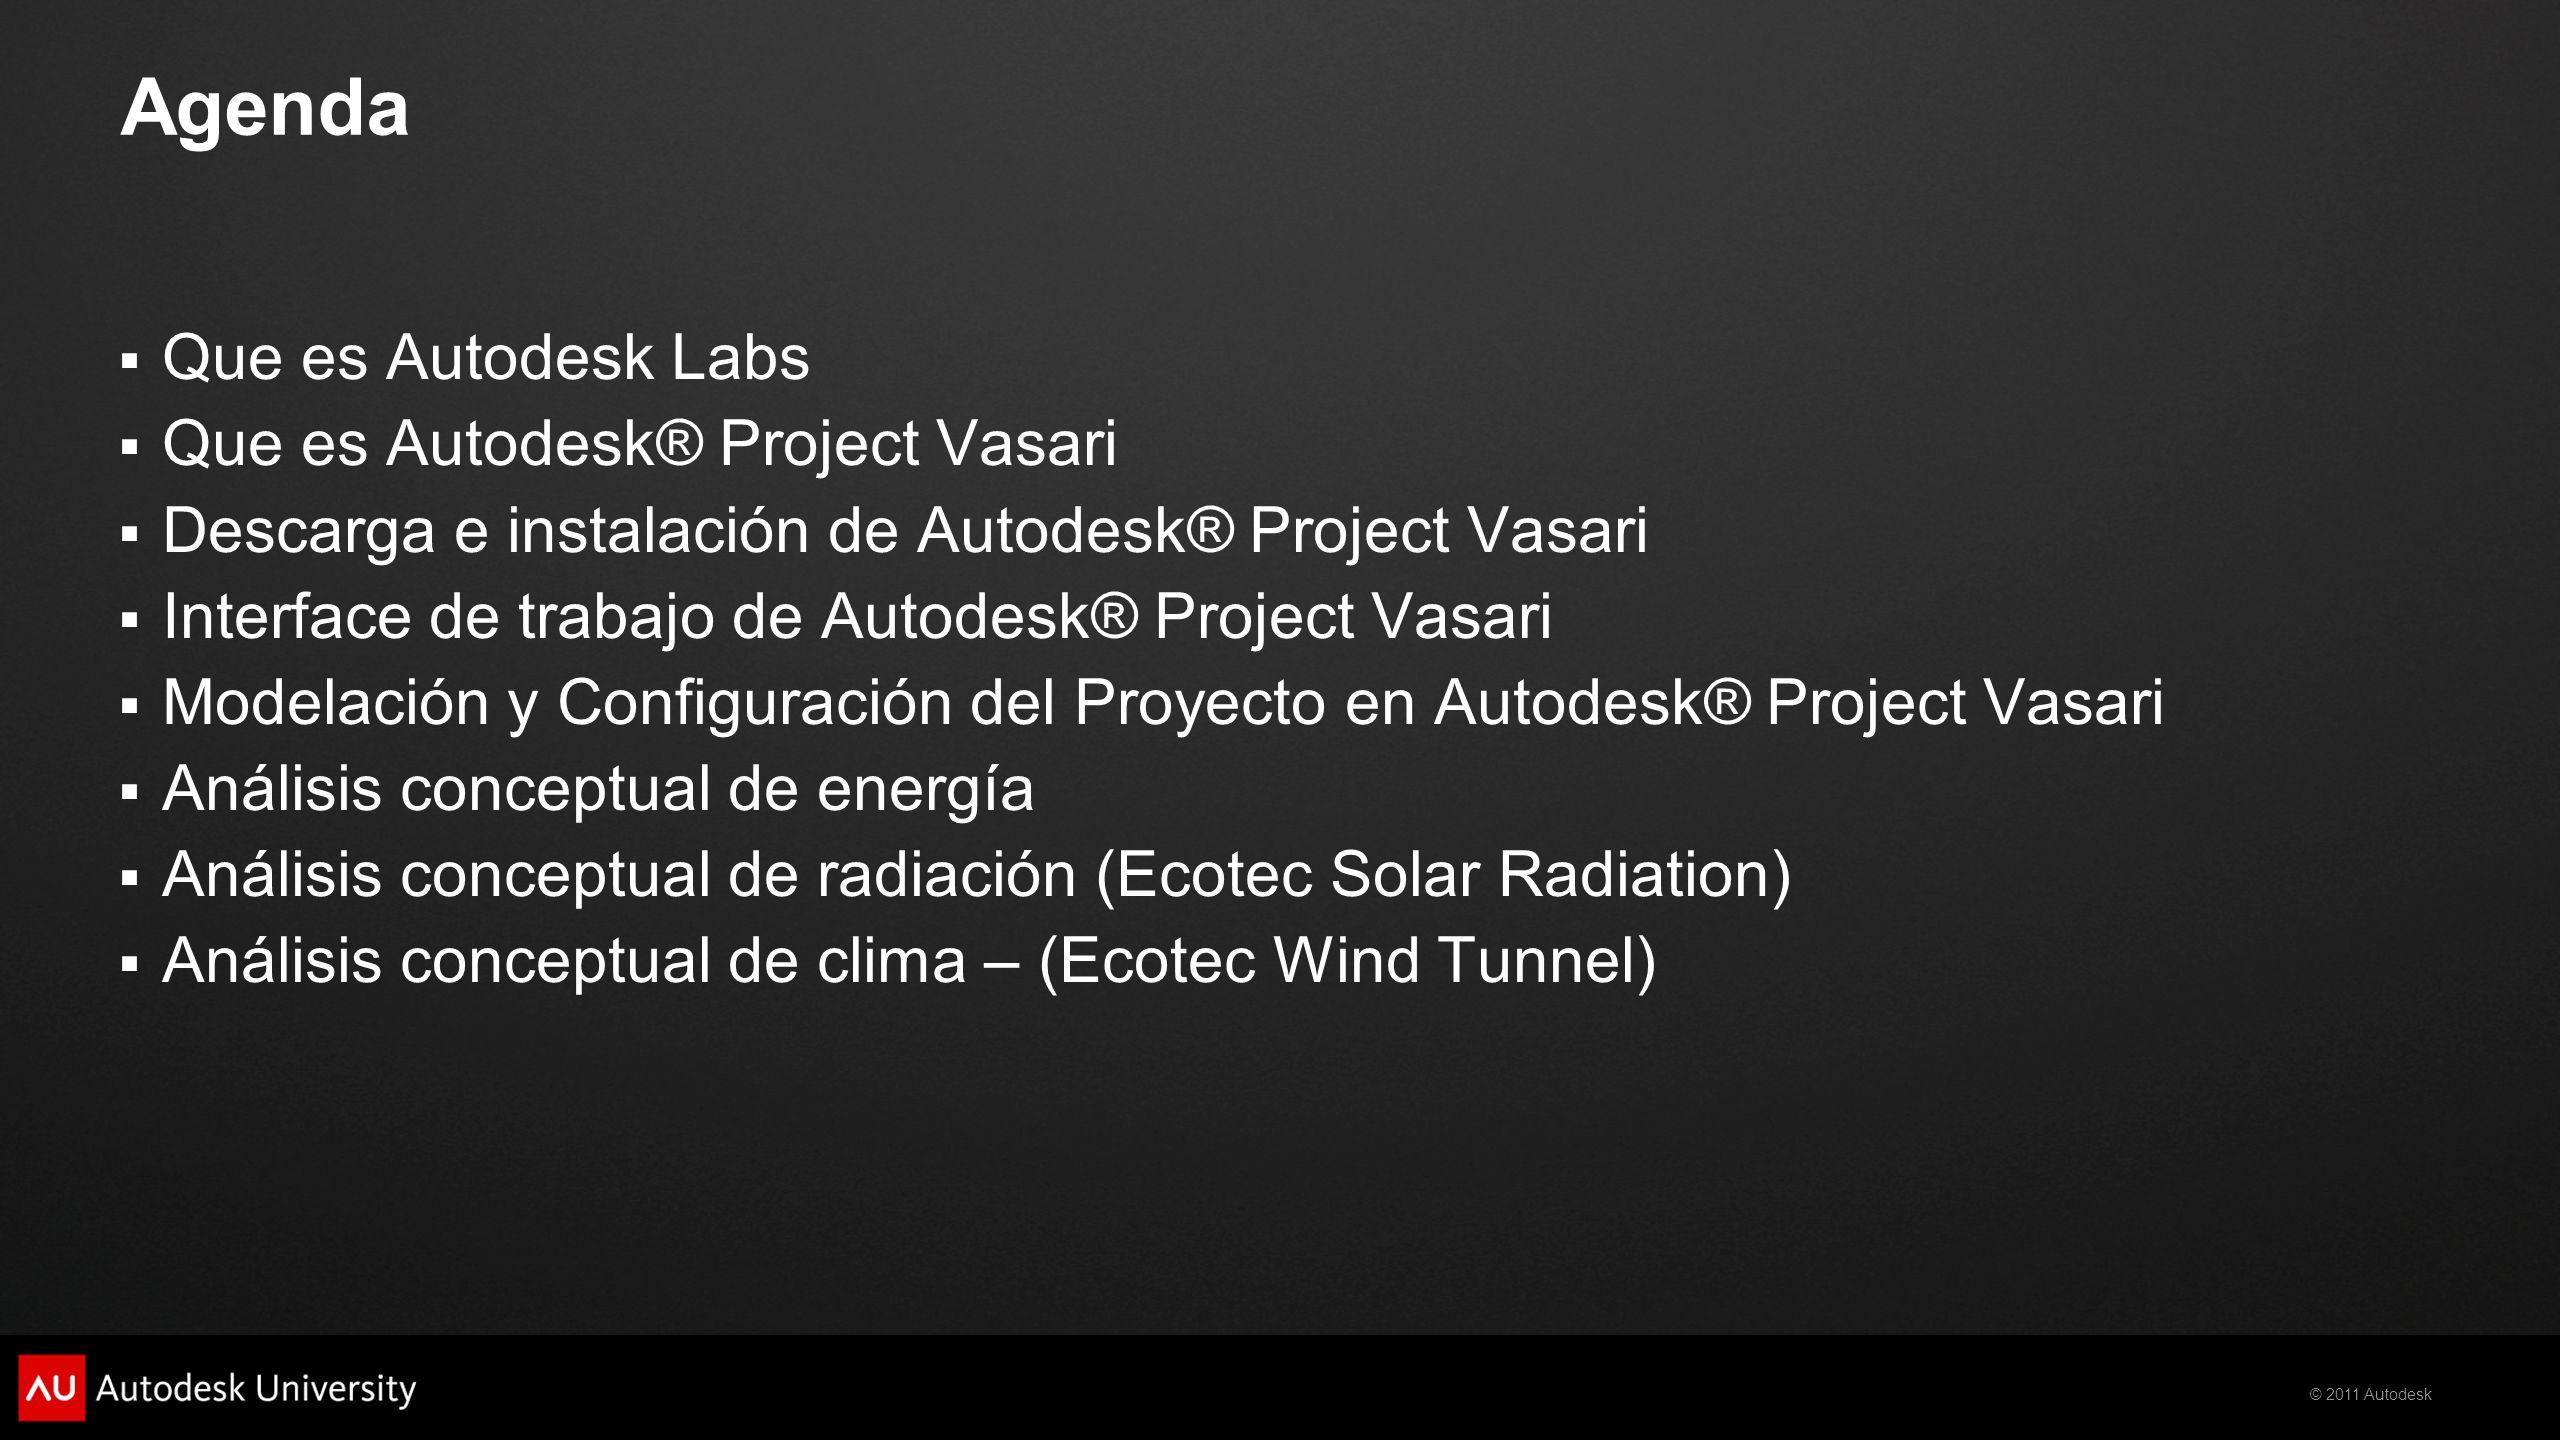 © 2011 Autodesk Agenda Que es Autodesk Labs Que es Autodesk® Project Vasari Descarga e instalación de Autodesk® Project Vasari Interface de trabajo de